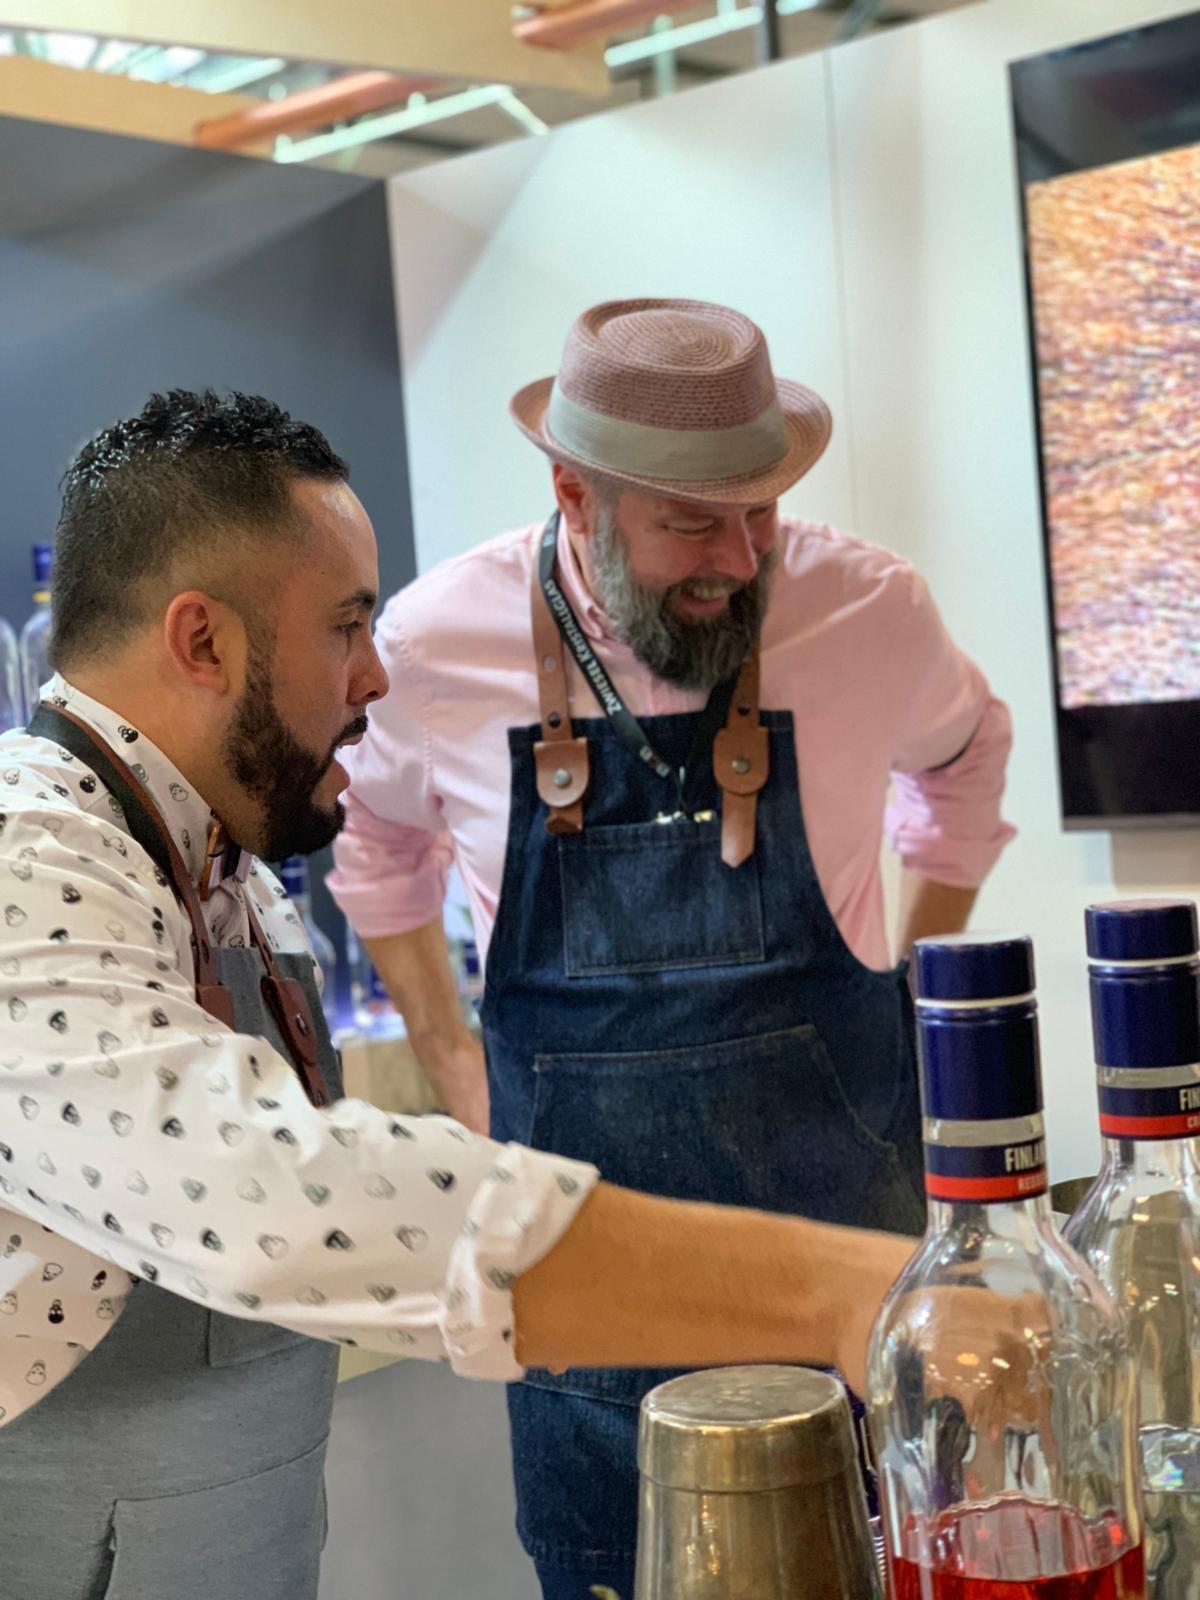 Pekka Pellinen, Master Mixologist de Finlandia Vodka junto a Ariel Rosario, luego de su exexitosa presentación en BCN 2018.